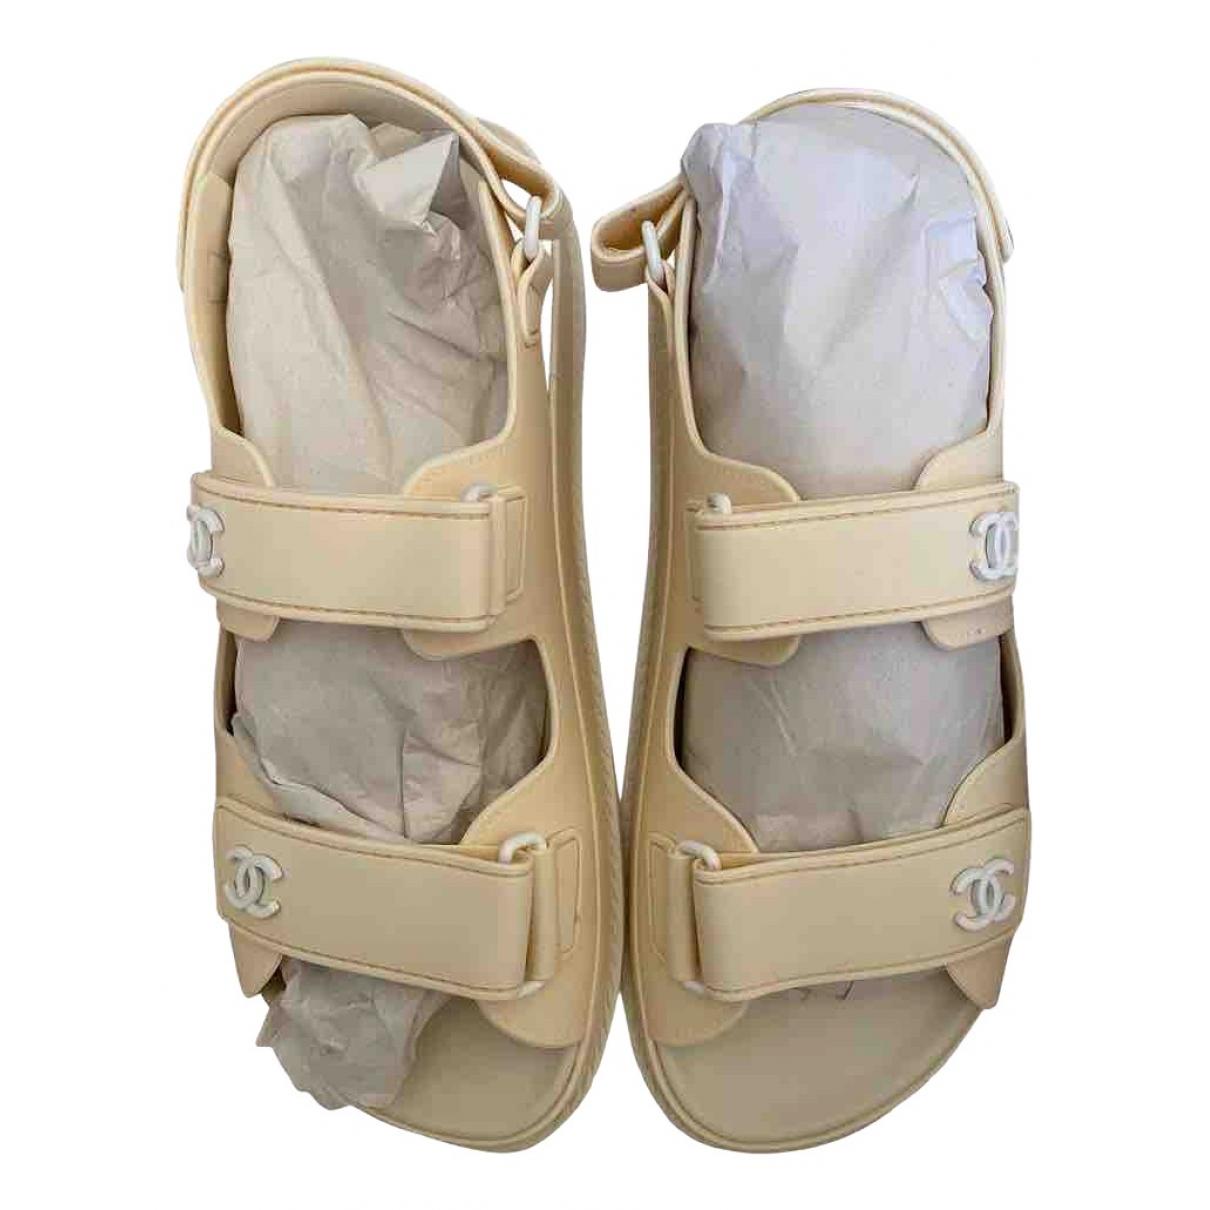 Chanel Dad Sandals Sandalen in  Beige Kautschuk